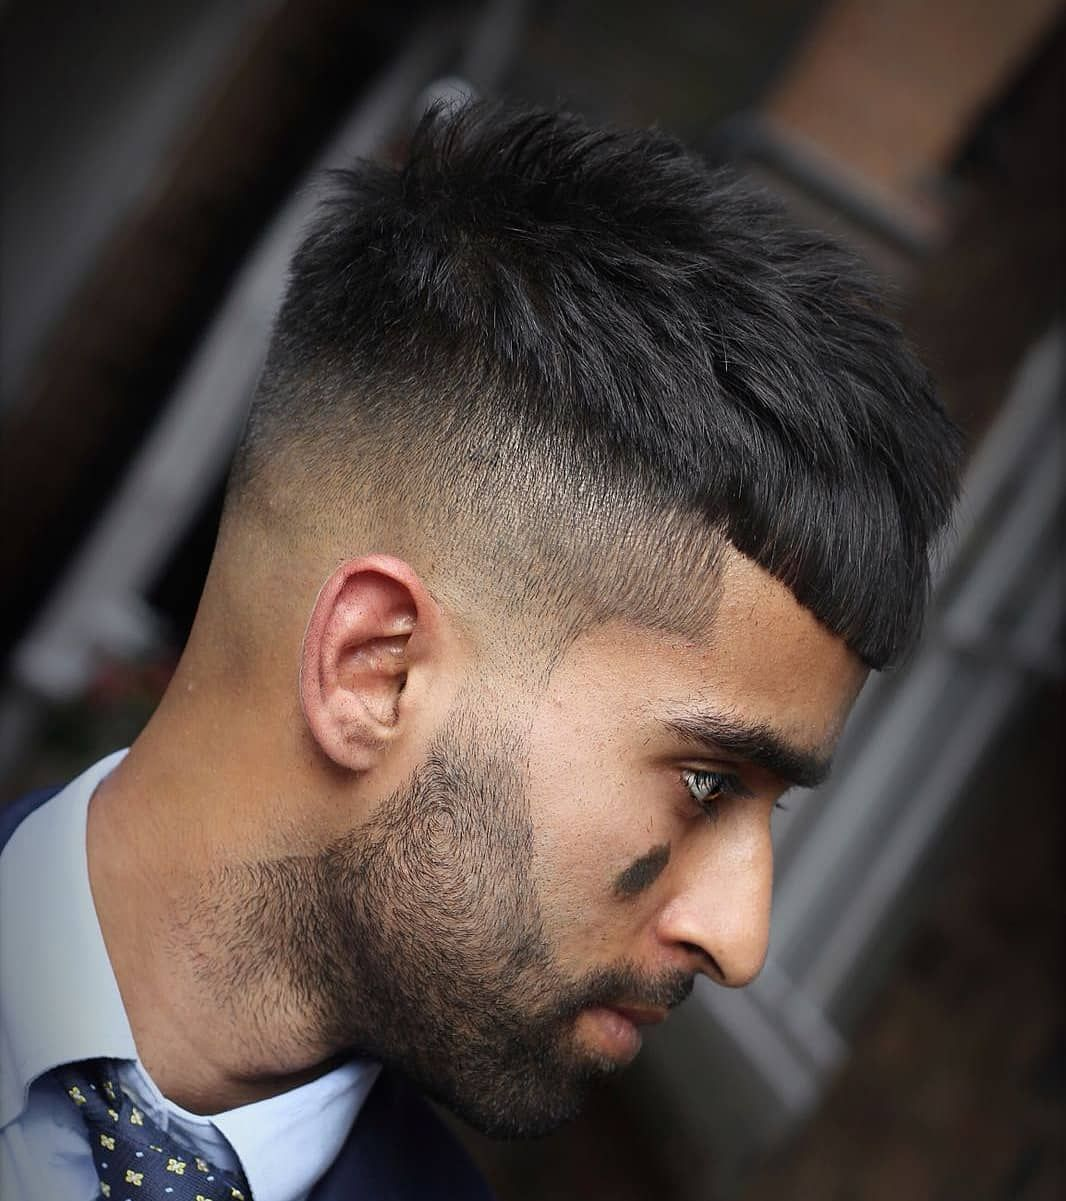 Men haircuts 2018 mens haircuts  top  u pro barber tipsmens haircuts  top